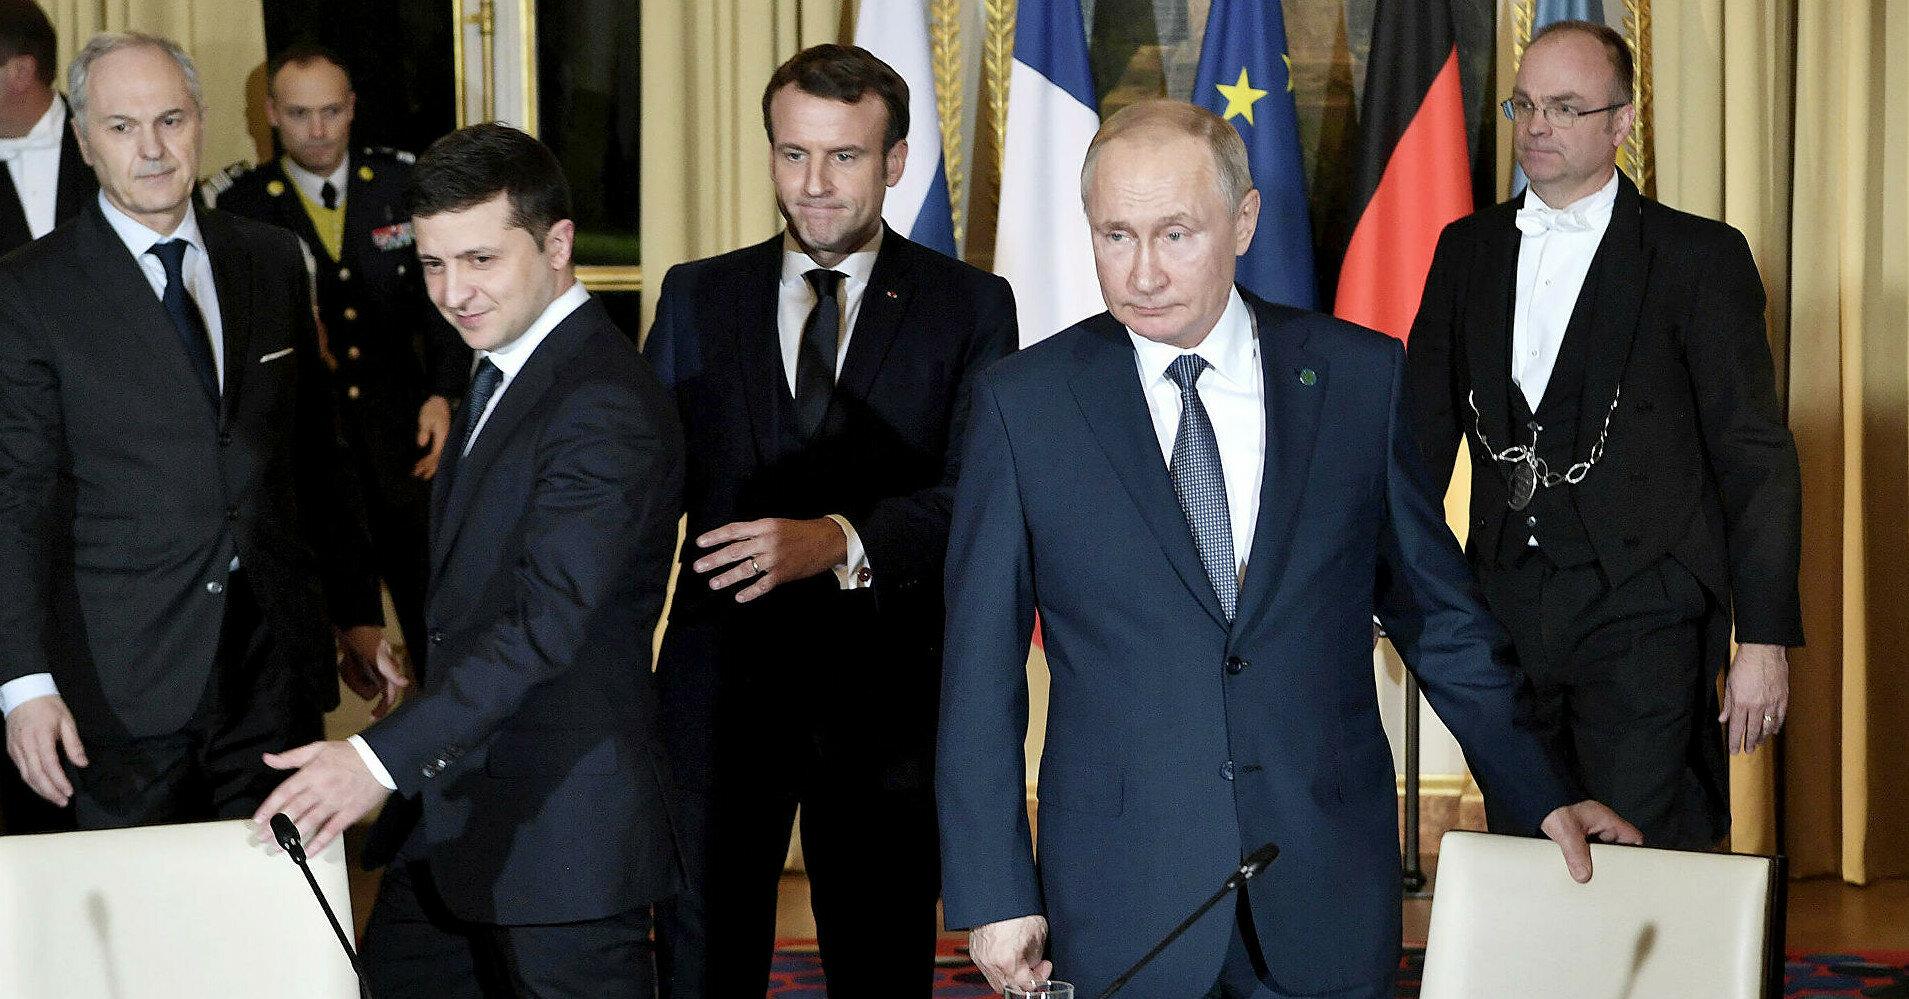 Мяч сегодня на стороне России – Зеленский об общении с Кремлем